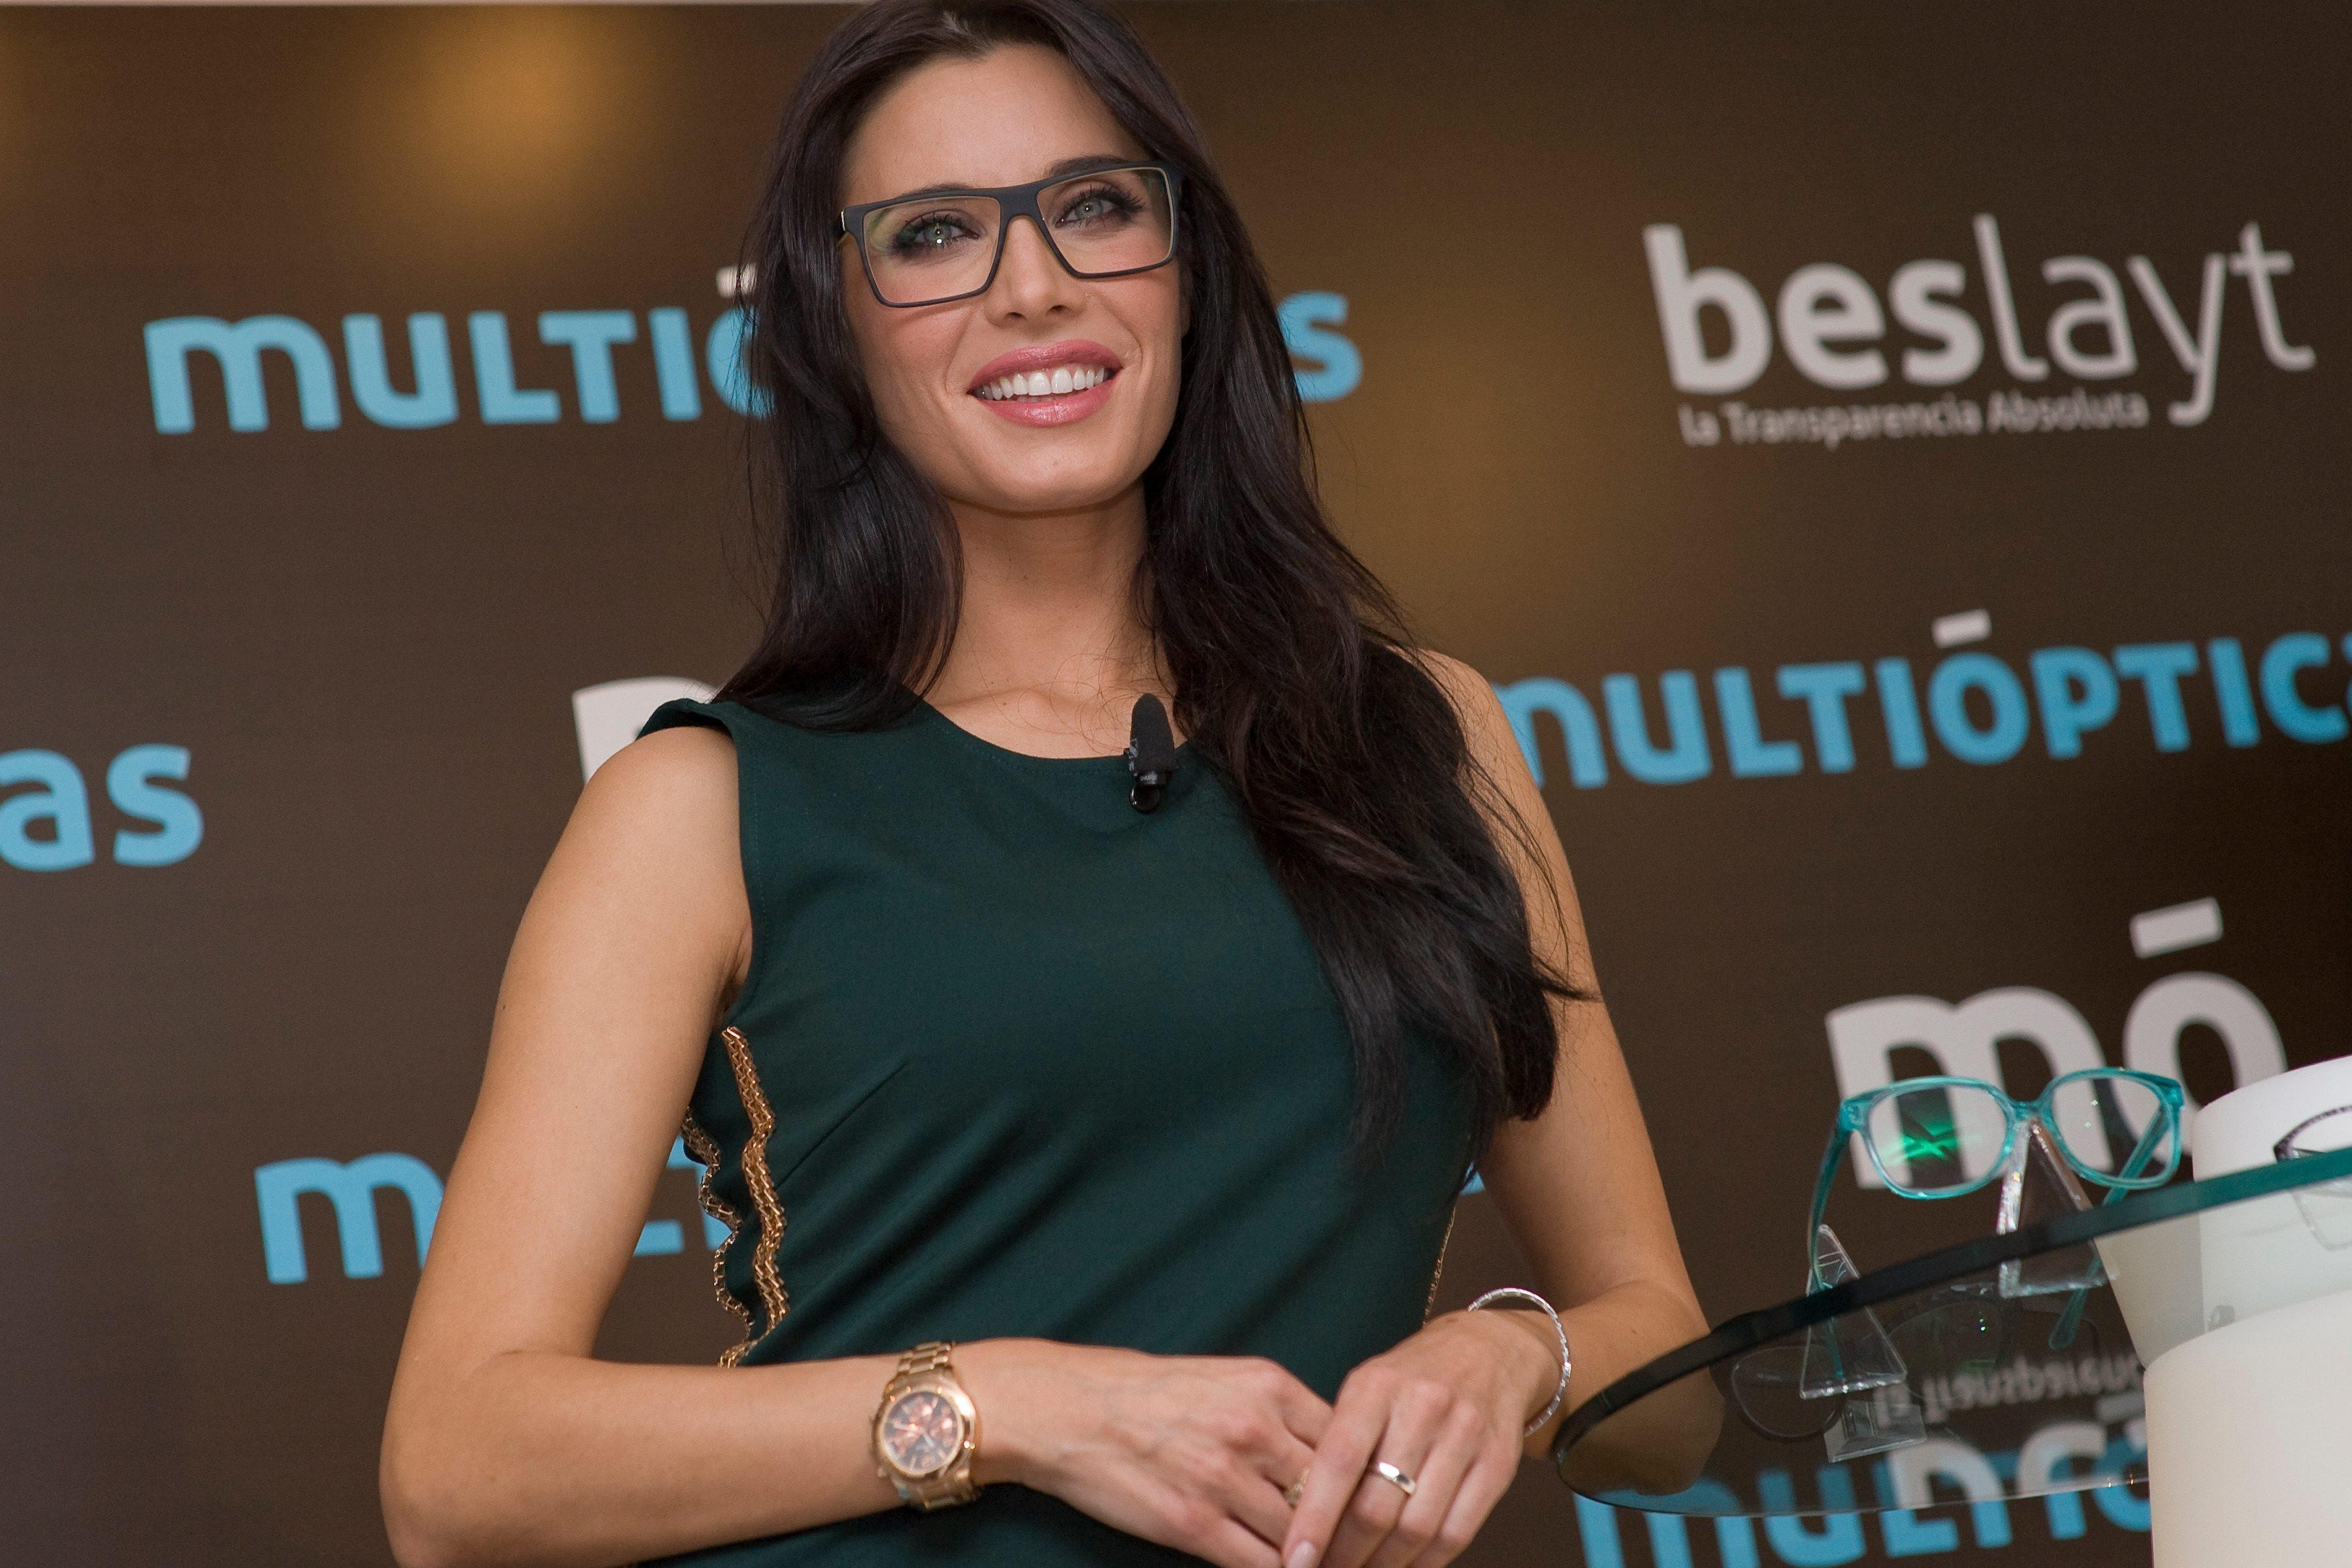 Pilar Rubio con lentes - 3600x2400